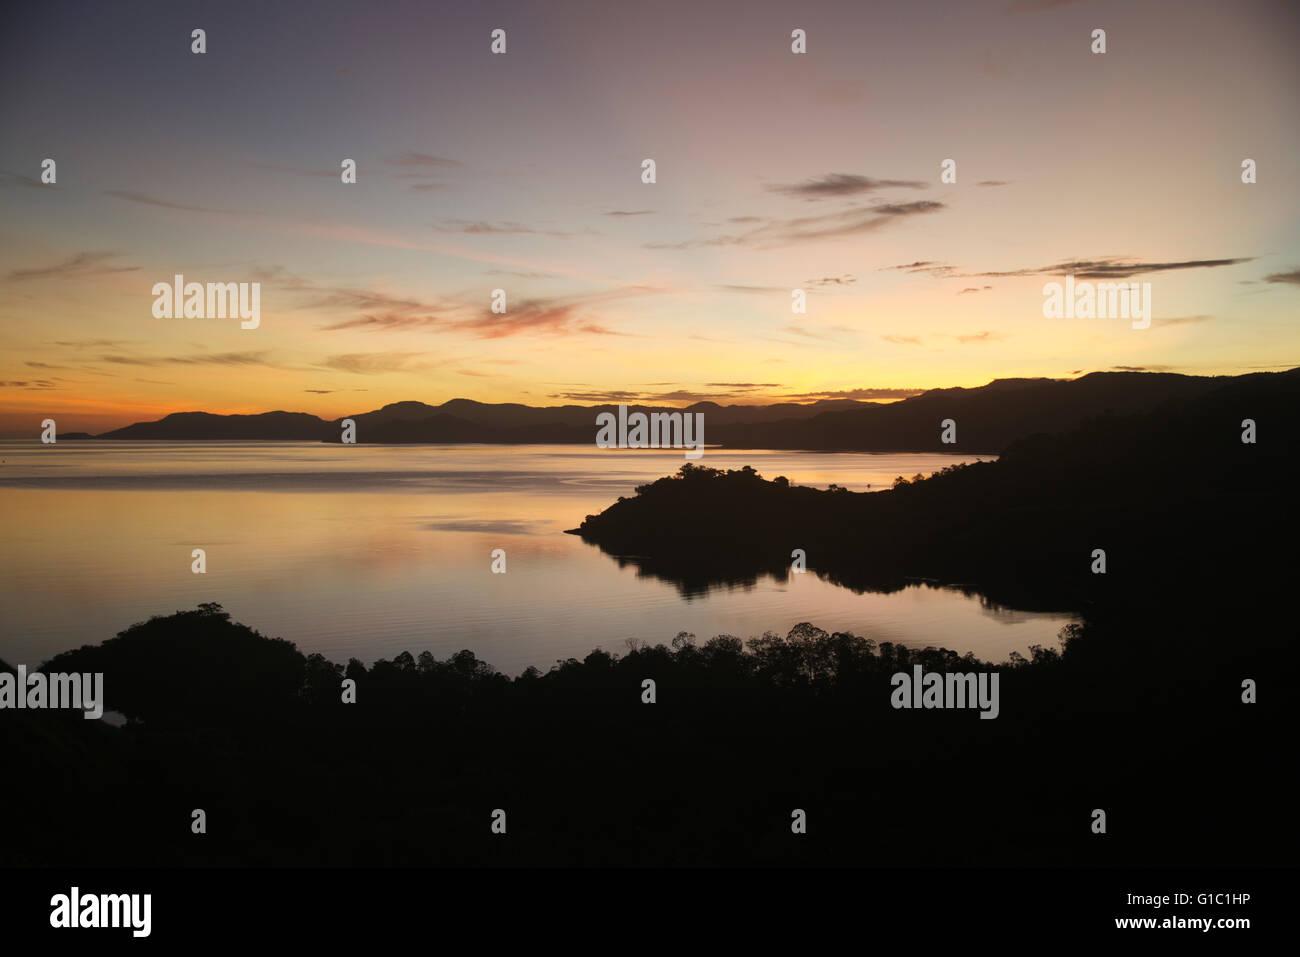 Dawn Flores Lesser Sunda Islands Indonesia - Stock Image